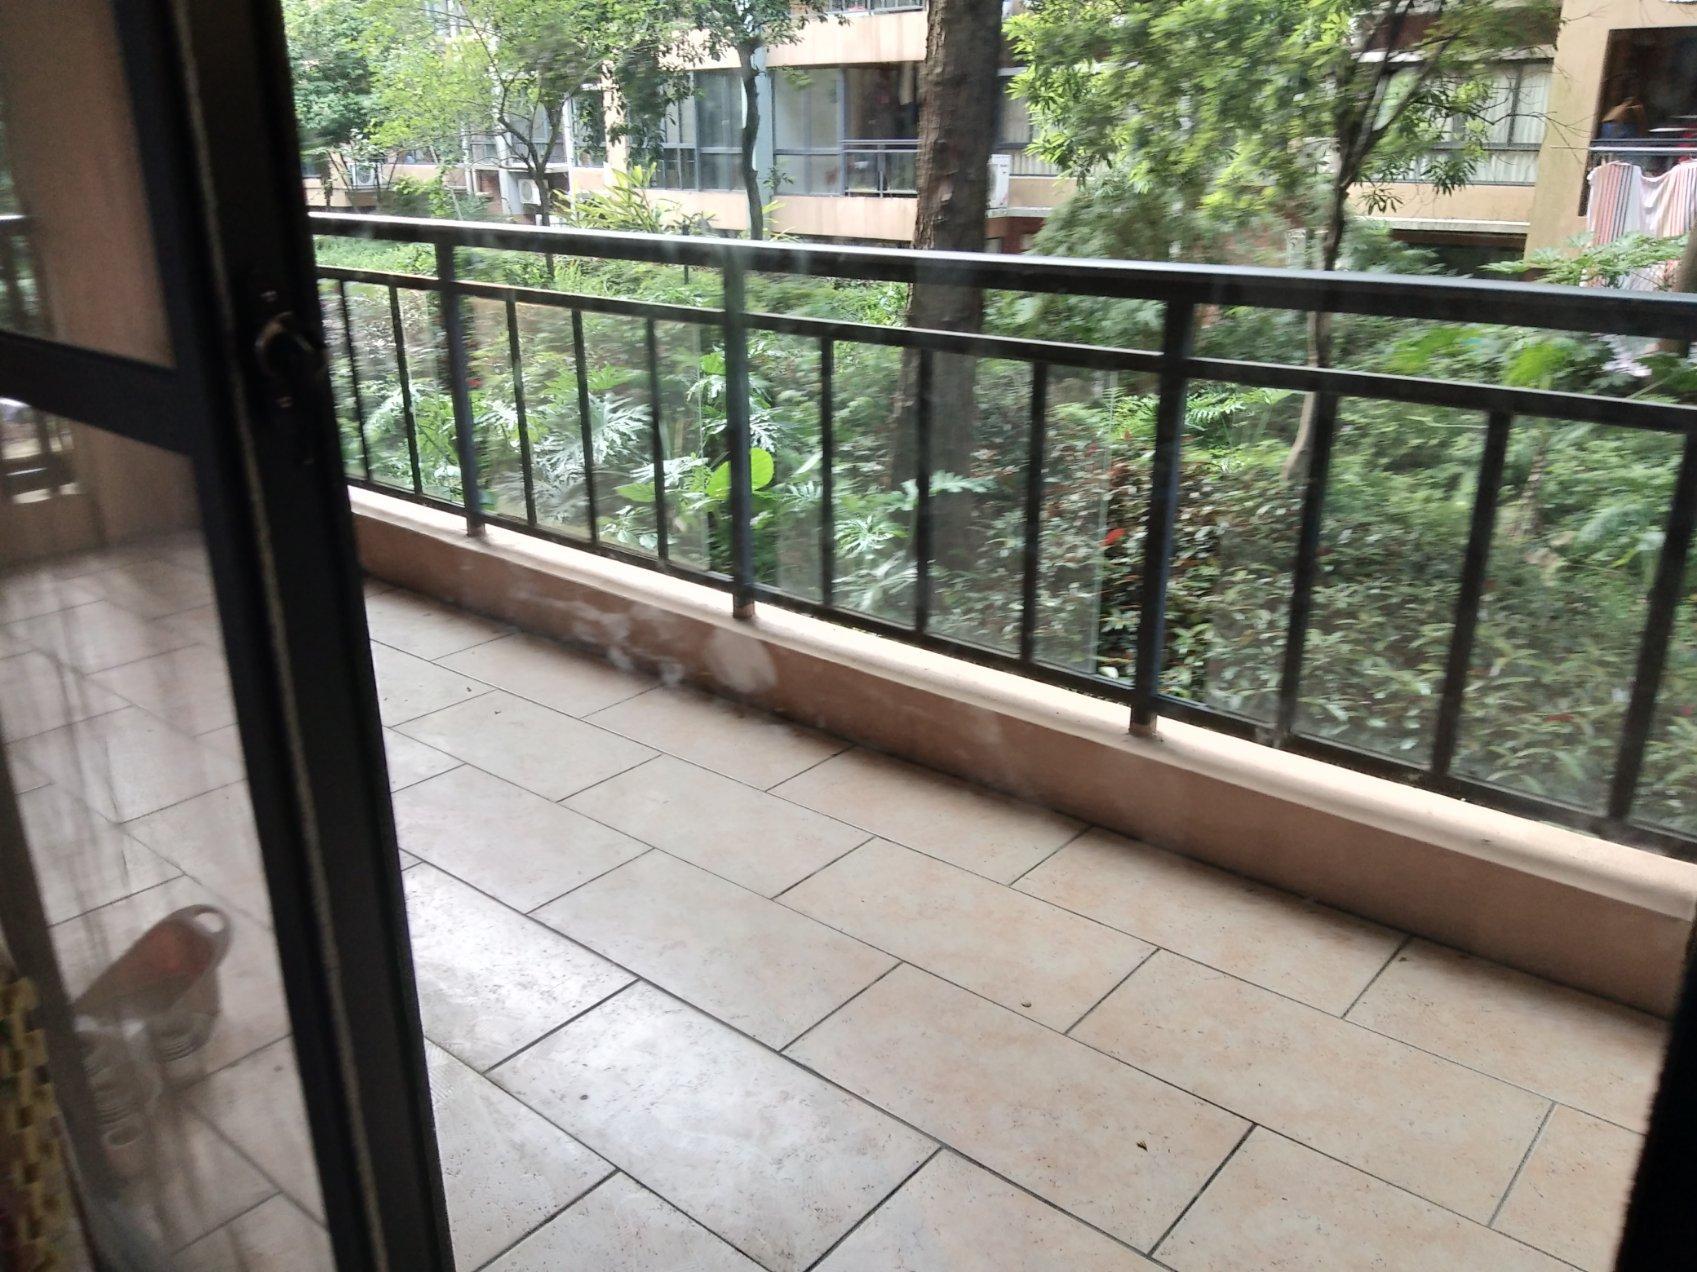 急售澳洲假日1-2楼复式带车库花园 128平米精装156万